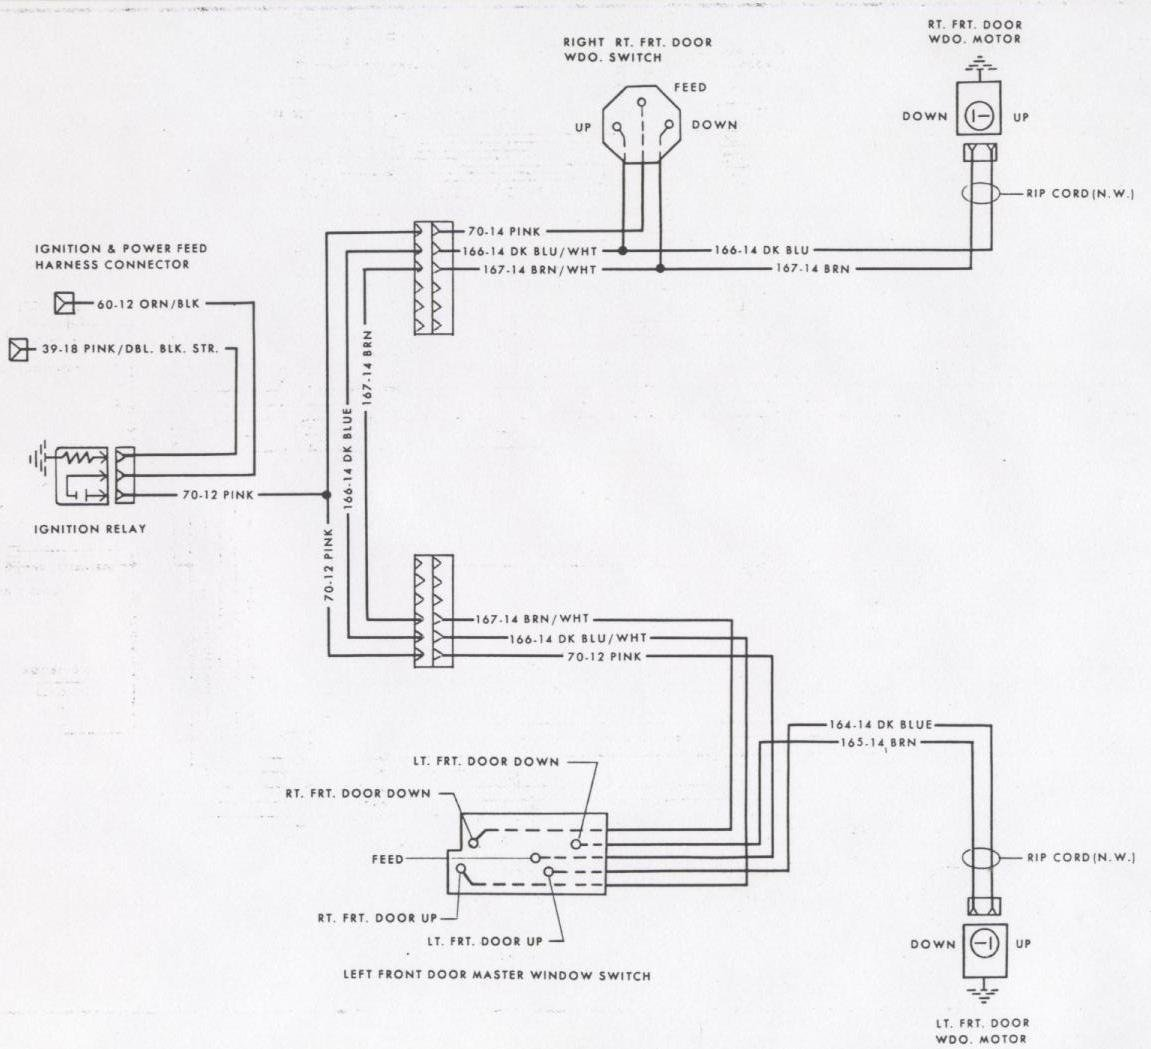 1970 Gto Power Window Switch Wiring Diagram from nastyz28.com